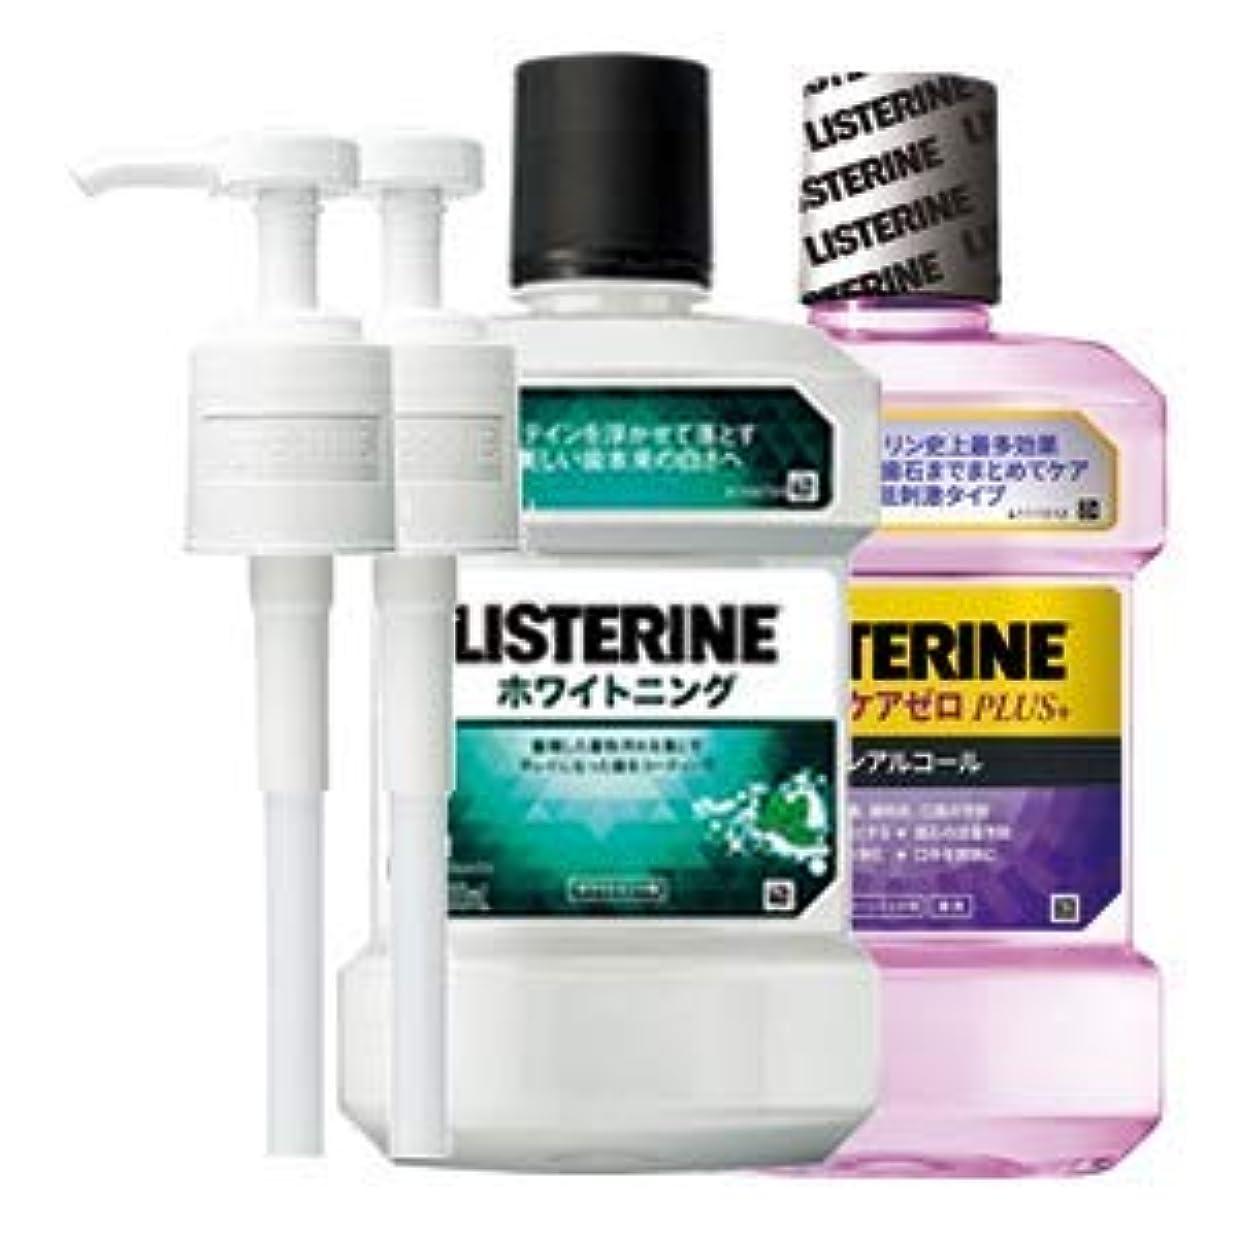 困惑クライマックス入場料薬用 リステリン ホワイトニング トータルケアゼロプラス 1000mL 2点セット (ポンプ付)